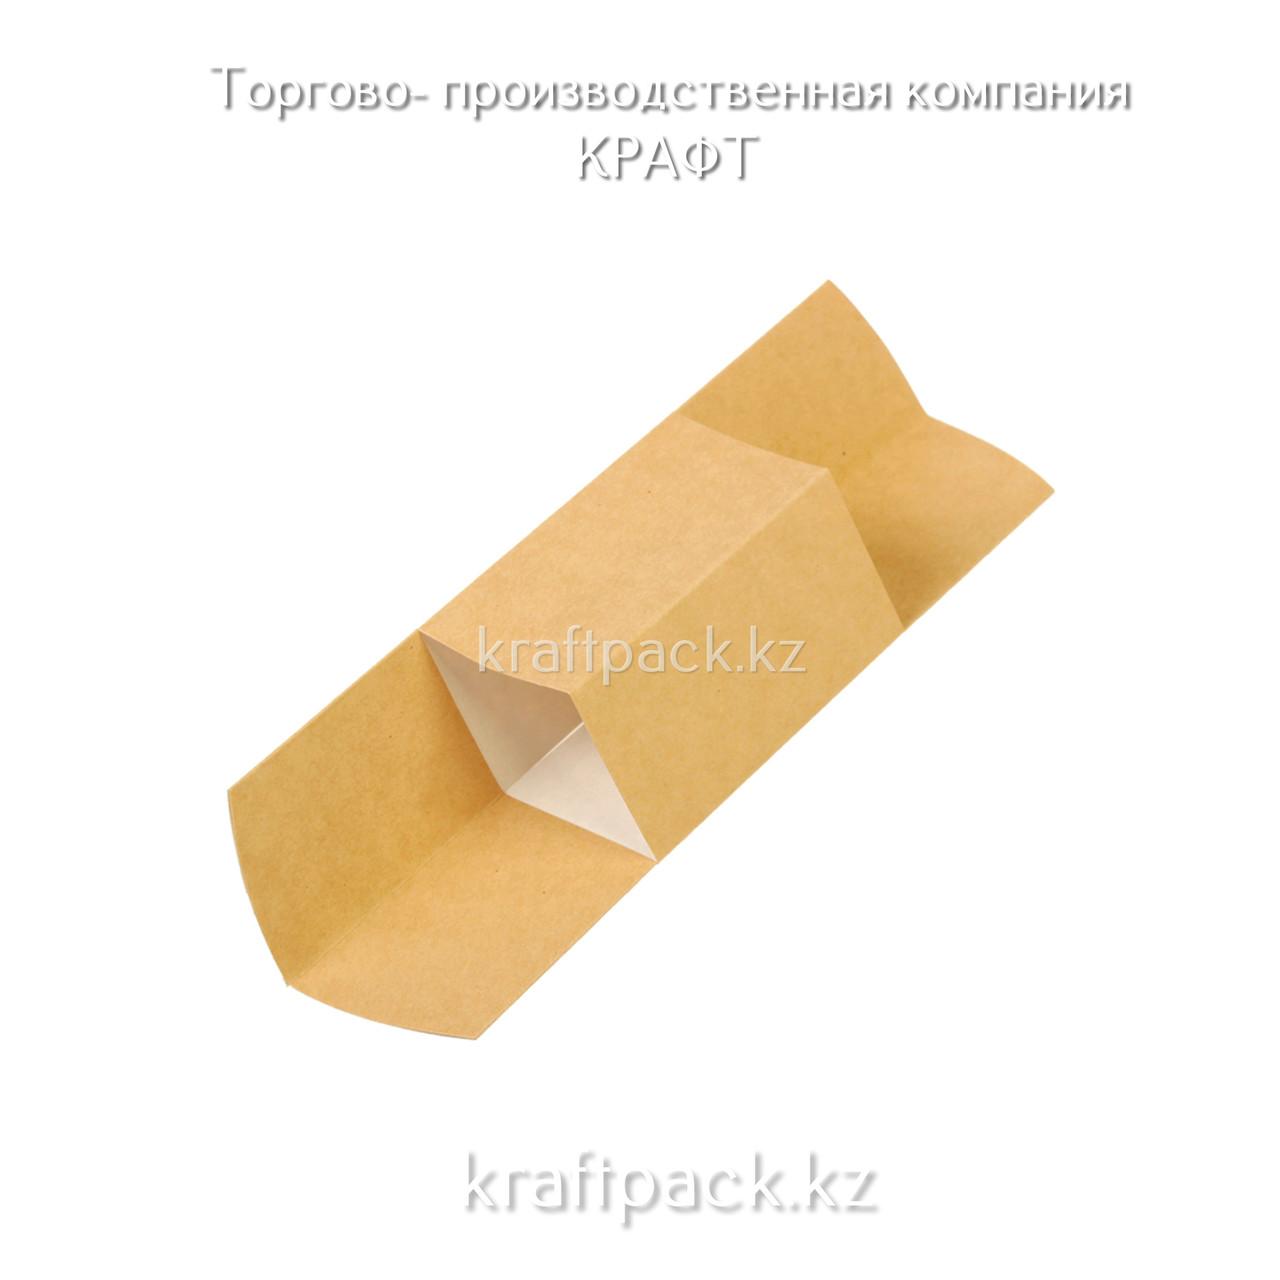 Подложка с кольцом для сэндвичей, роллов, багетов (Eco Sleeve) DoEco  (50/600)